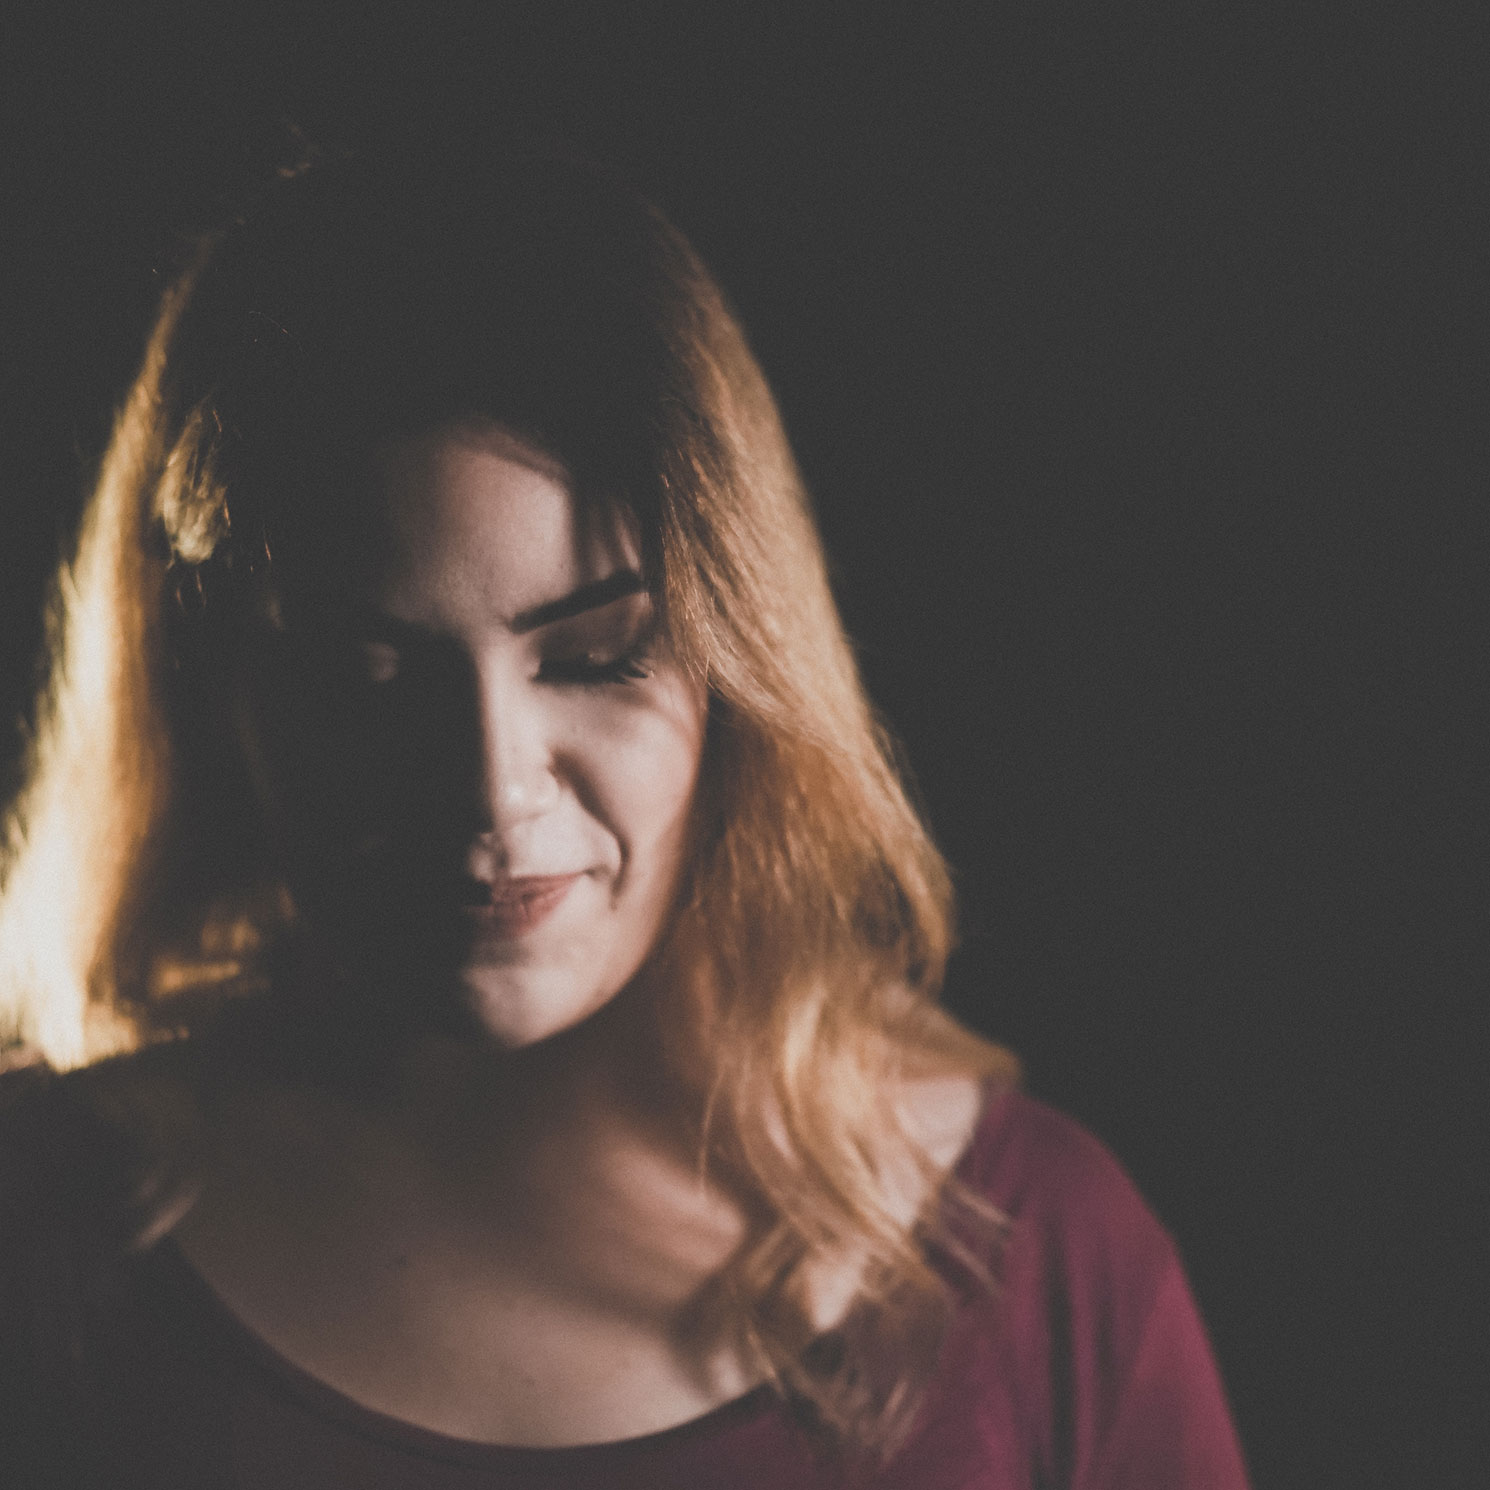 מאיה לוי